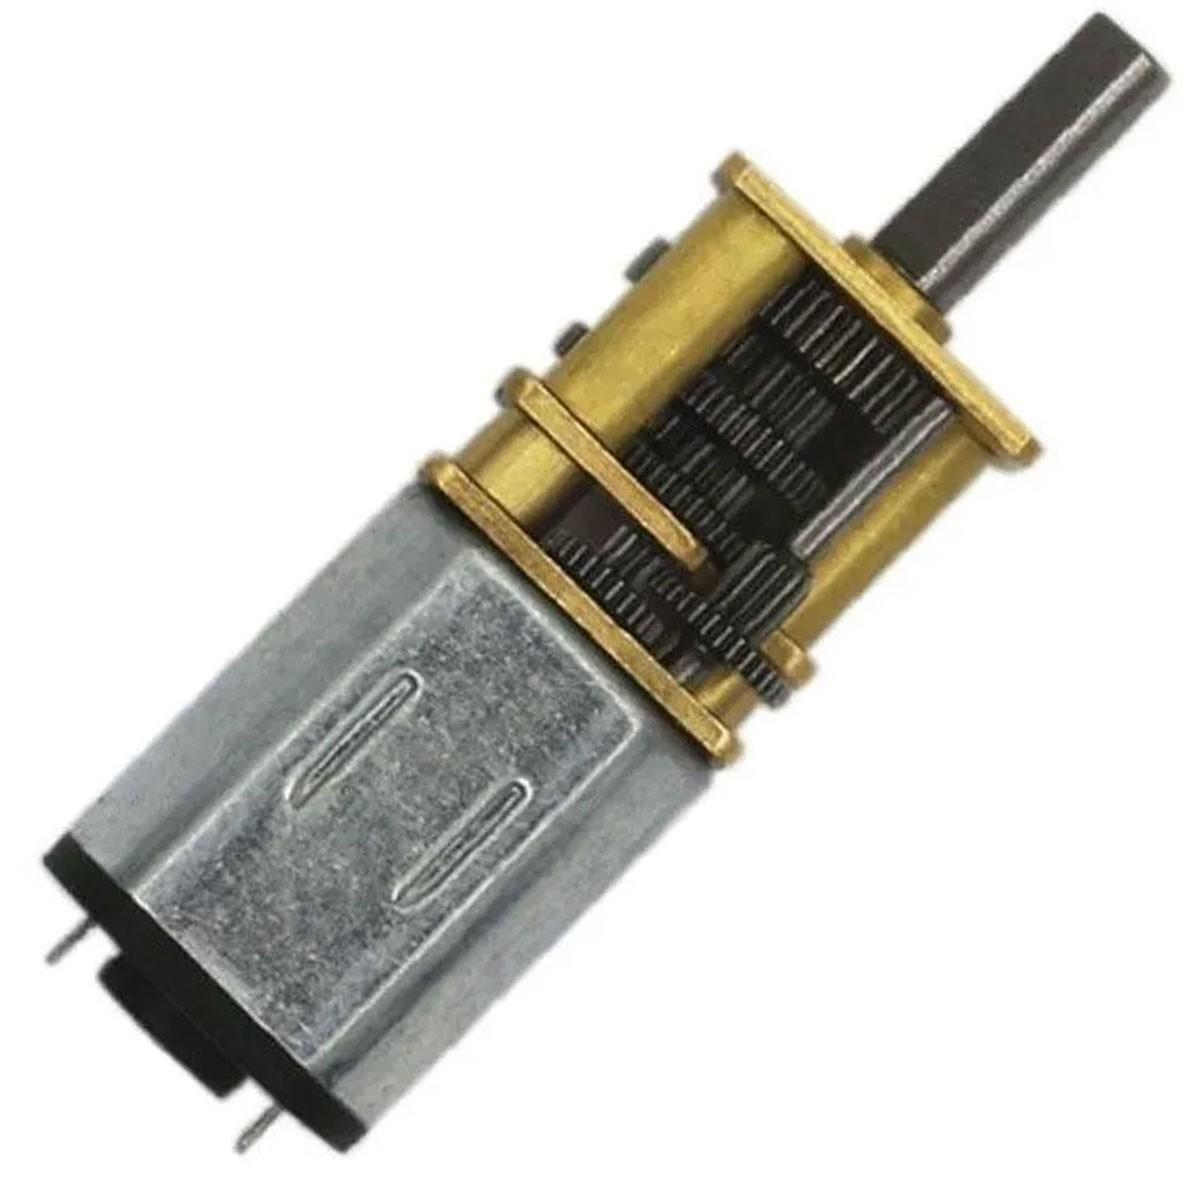 Mini Motor N20 6v 3000 RPM com Caixa de Redução de Metal